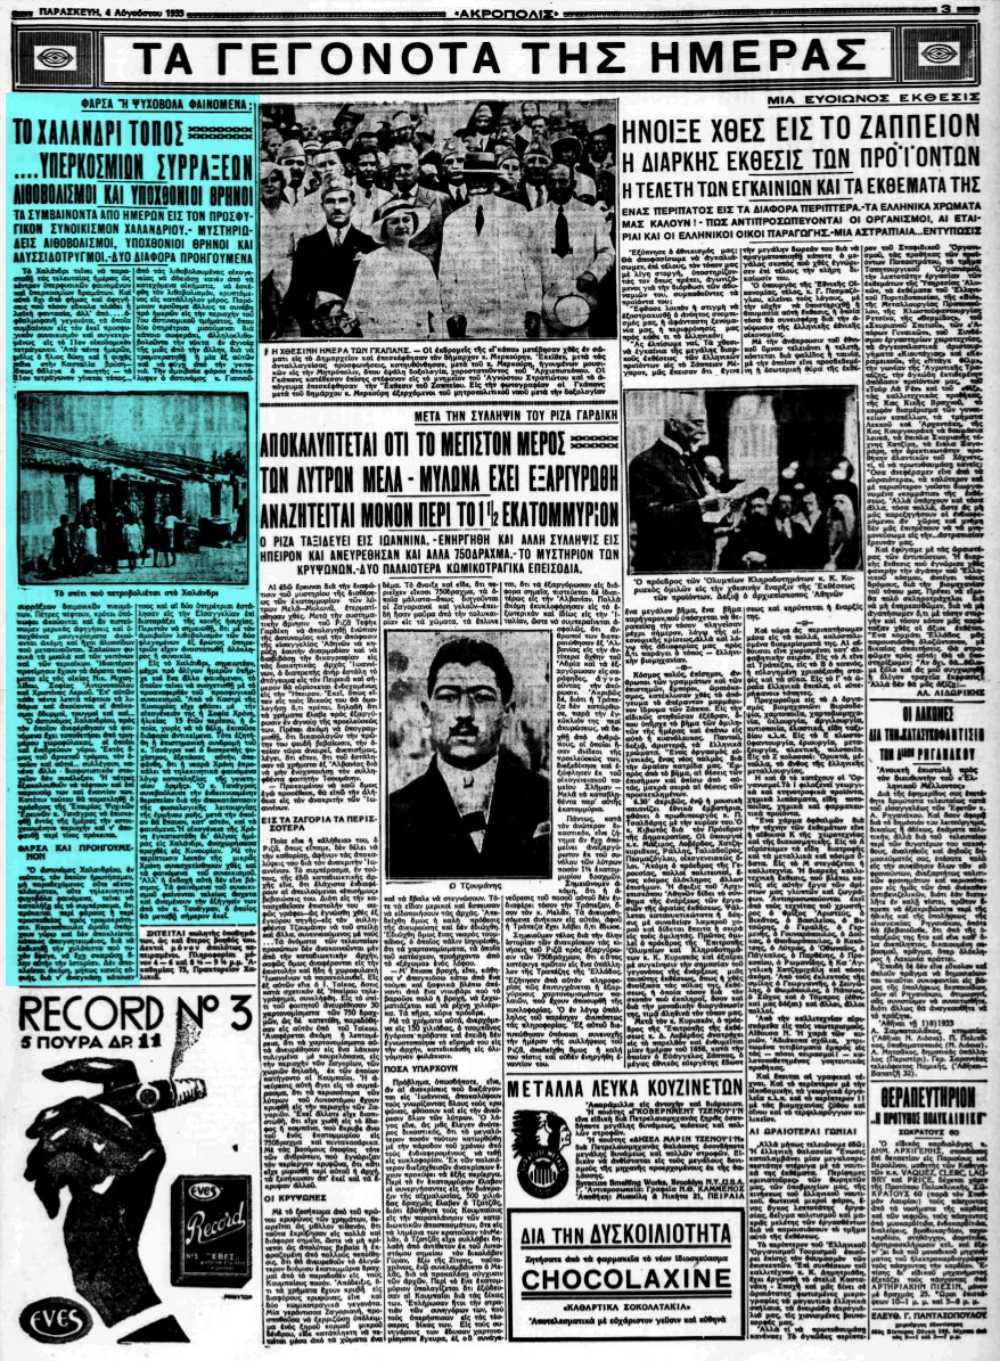 """Το άρθρο, όπως δημοσιεύθηκε στην εφημερίδα """"ΑΚΡΟΠΟΛΙΣ"""", στις 04/08/1933"""